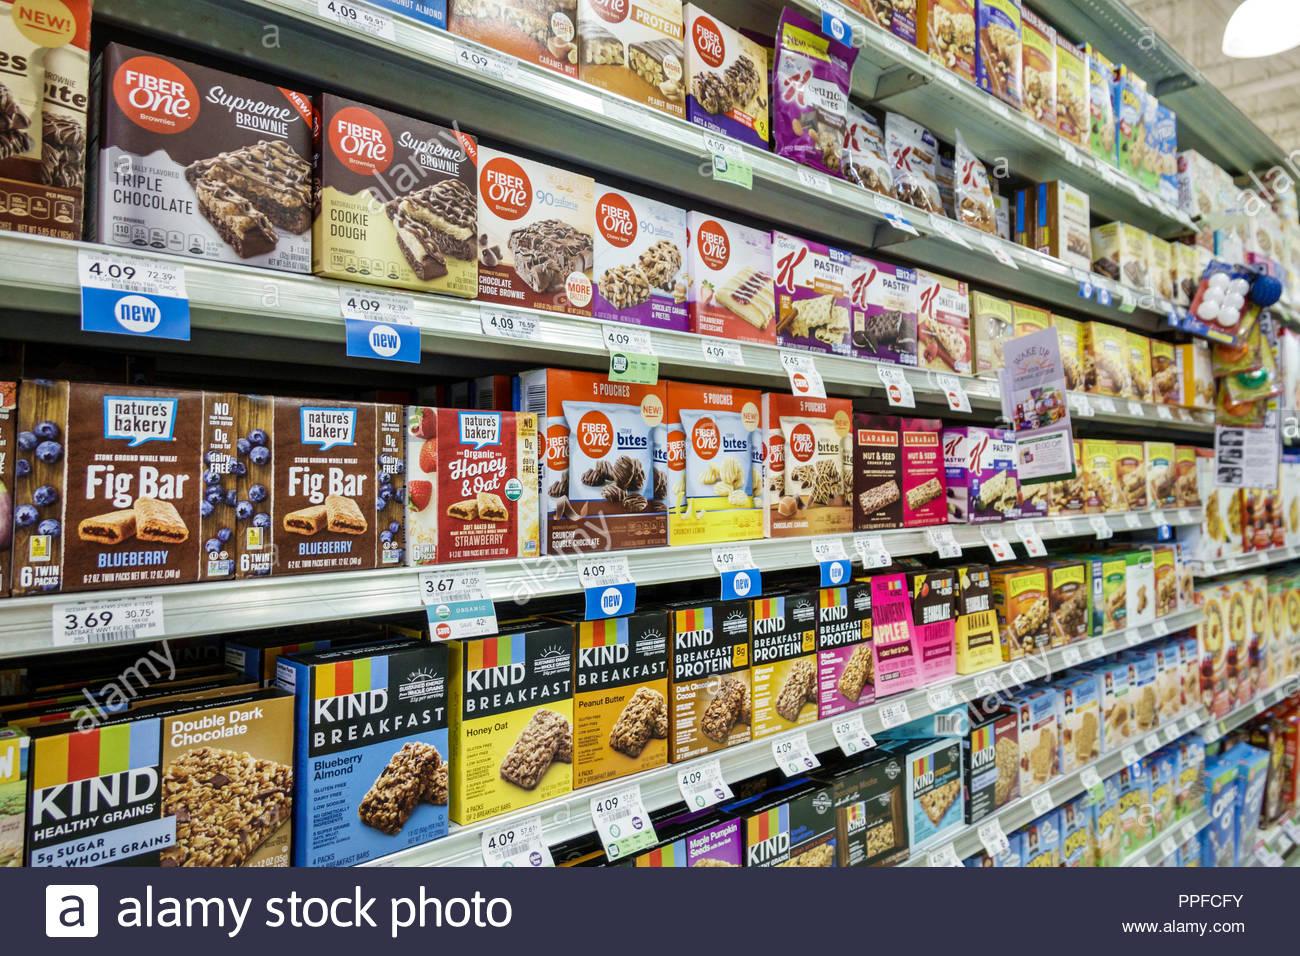 West Palm Beach Florida Publix Fruttivendolo supermercato interno ripiani alimentari vendita display bar per la colazione una fibra della natura tipo da forno Immagini Stock